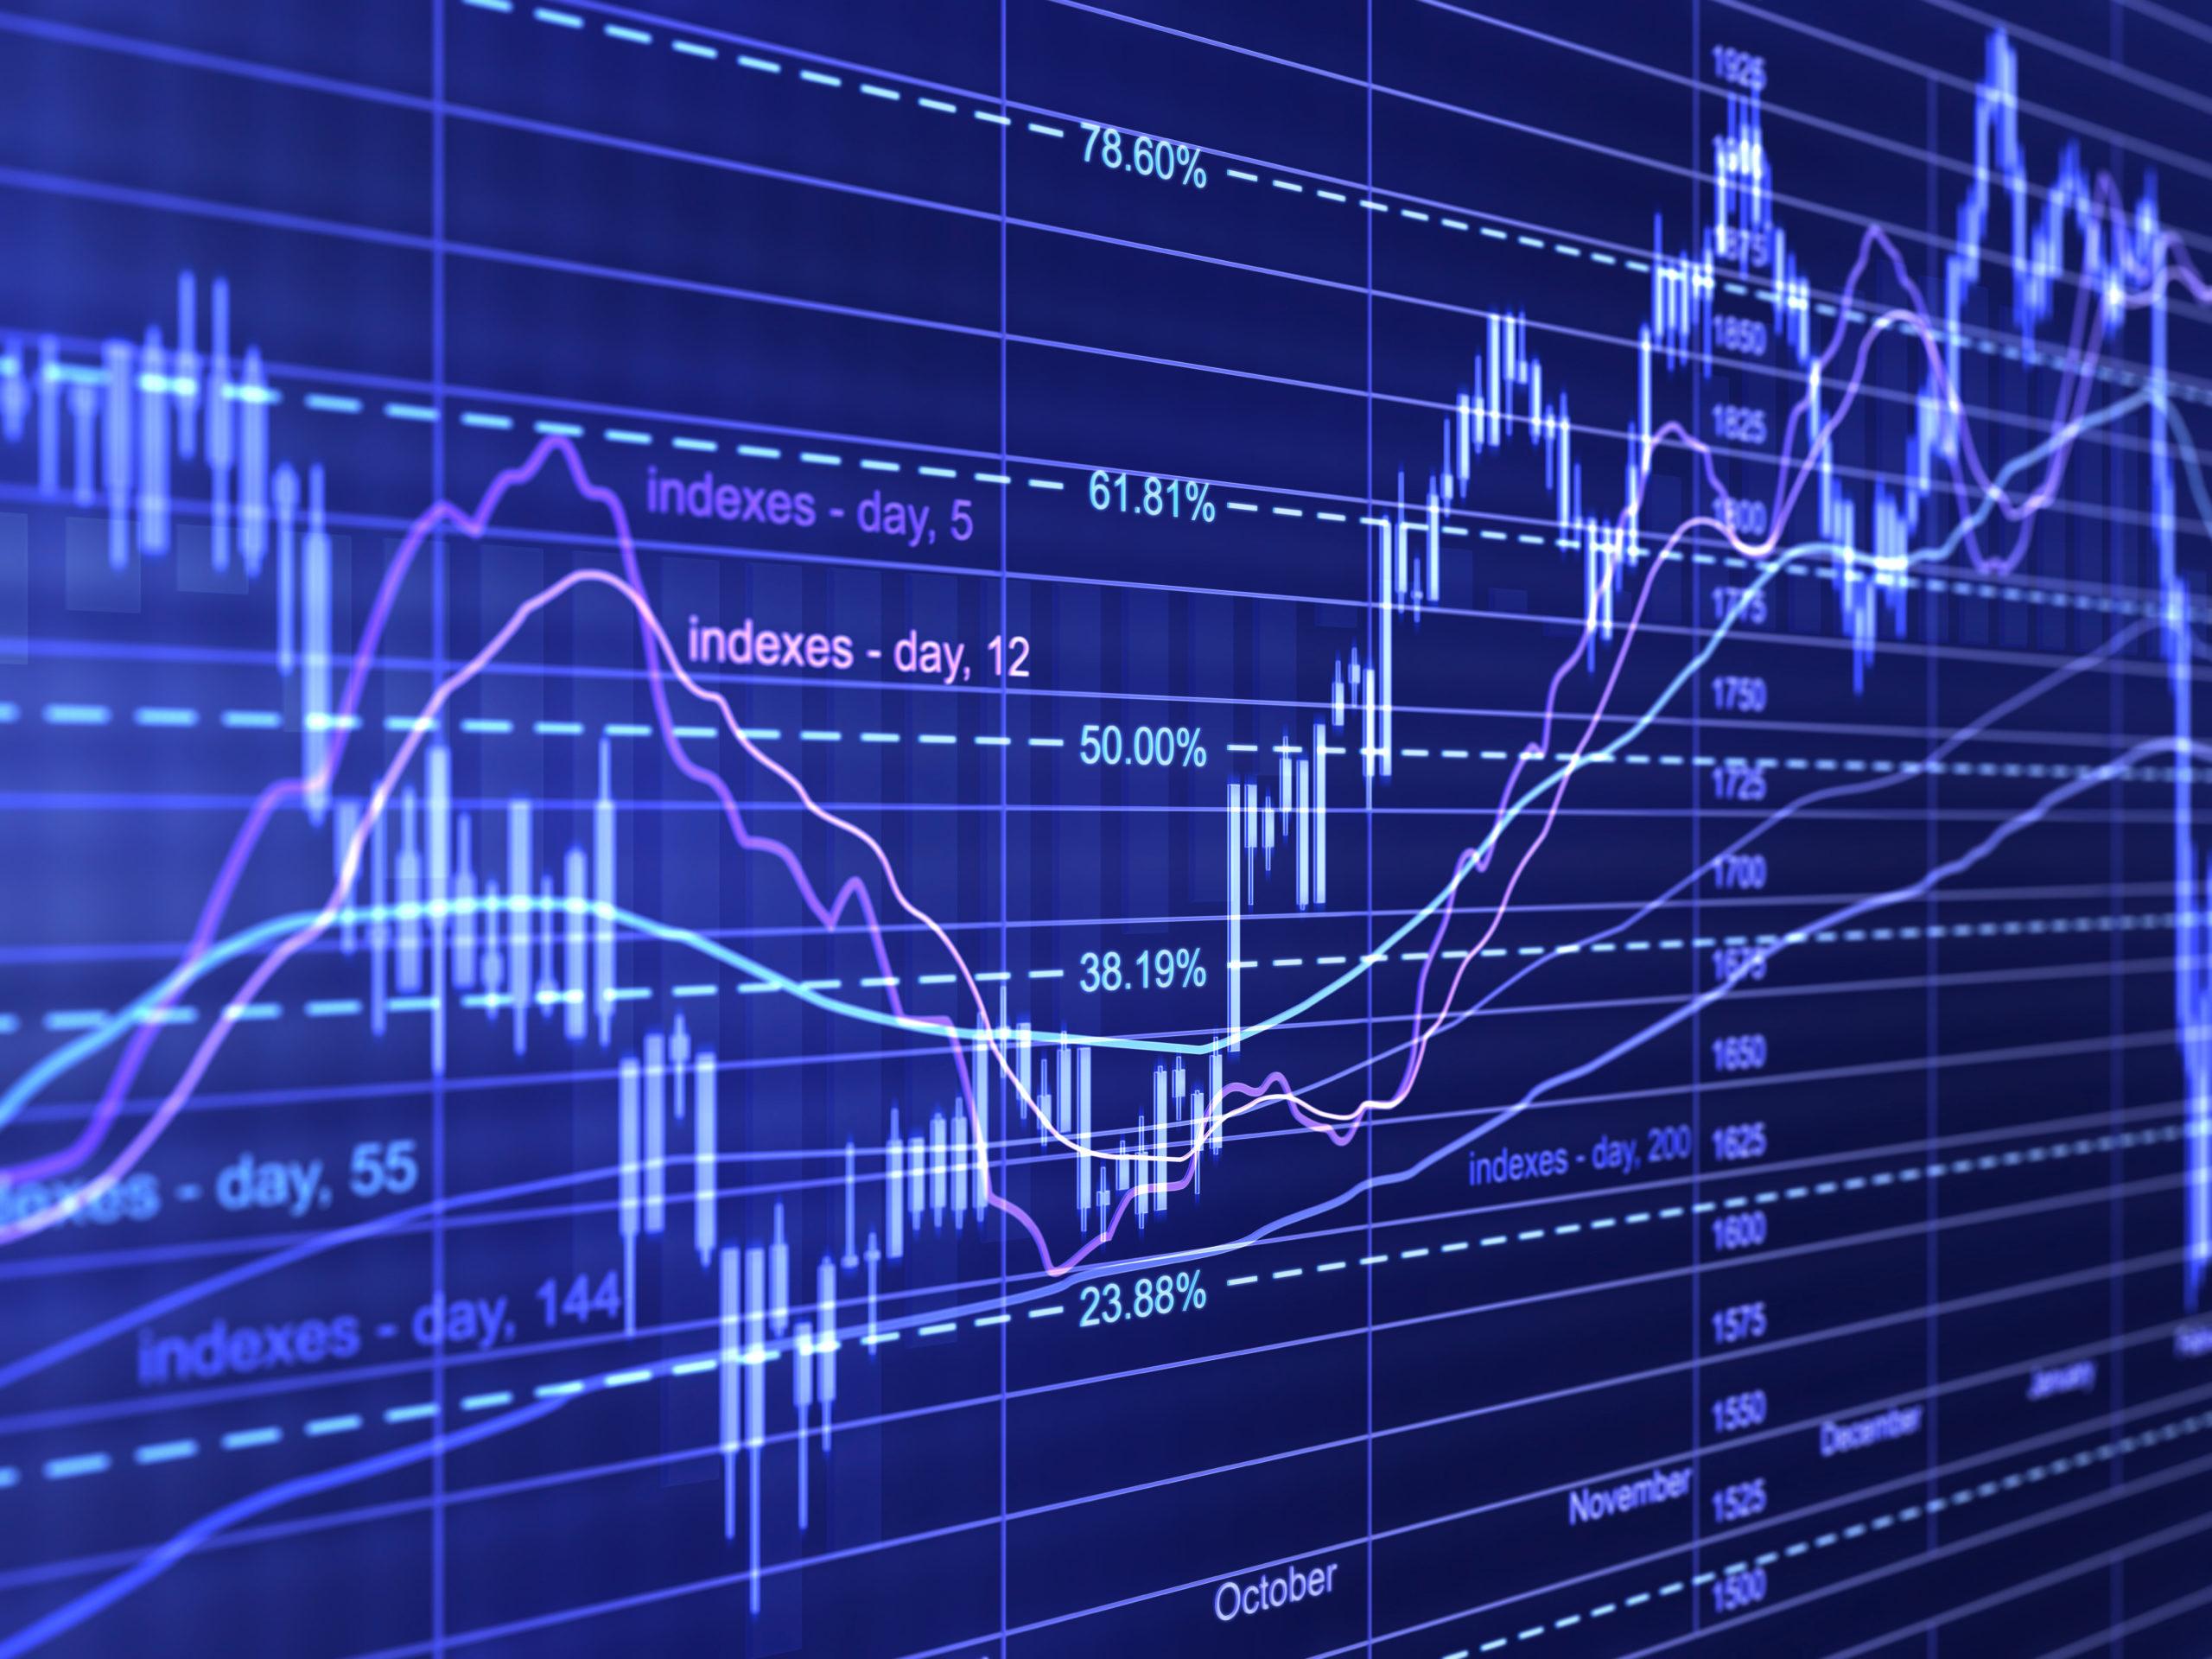 eos eth xrp ada link fiyat analizi 24 agustos 2020